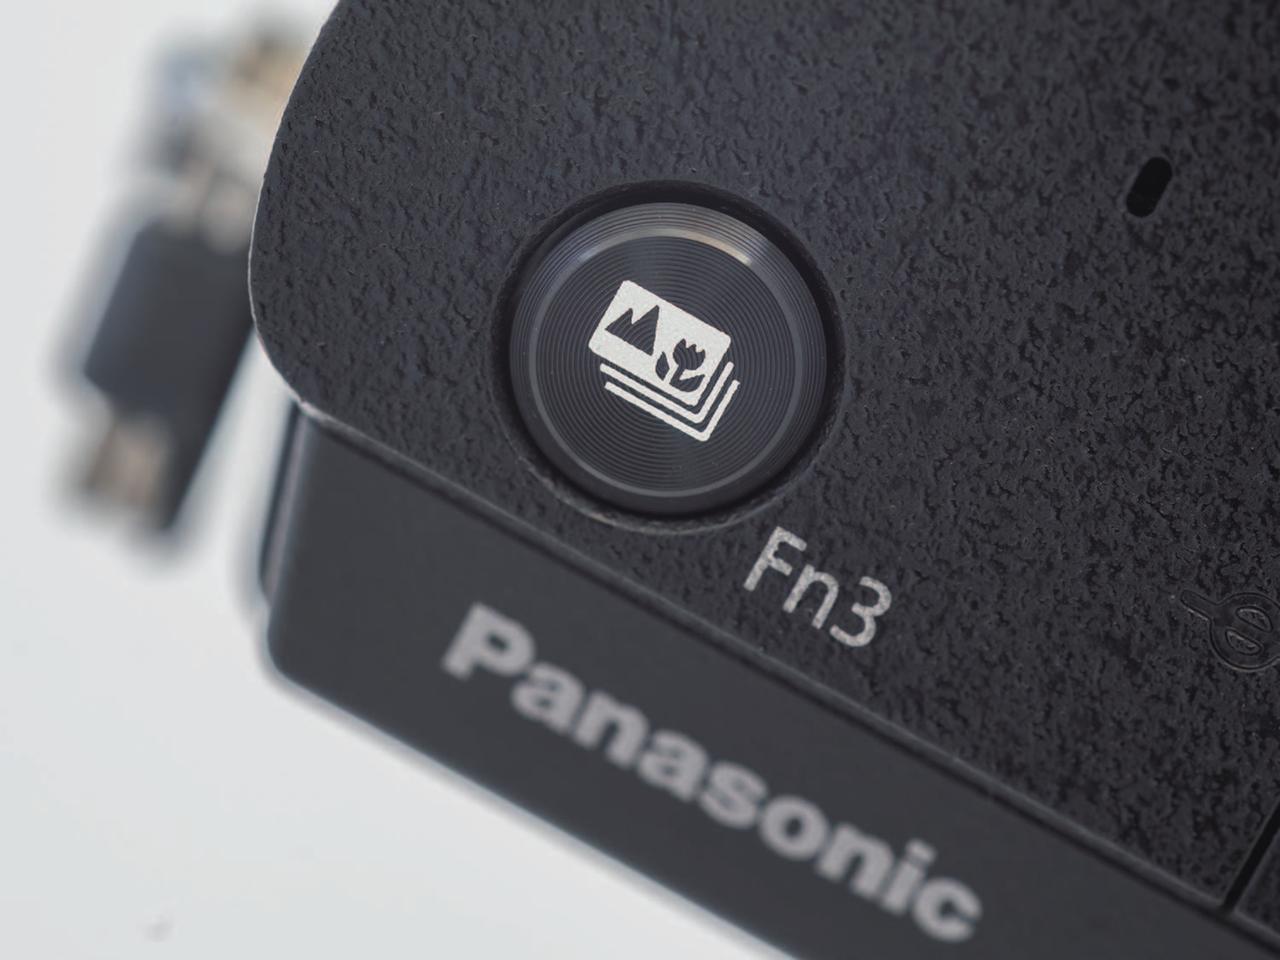 画像: 上面の「Fn3」ボタンは、自分撮りモード時にシャッターボタンとして機能する。左右どちらの手でも構えることができるのは便利だ。